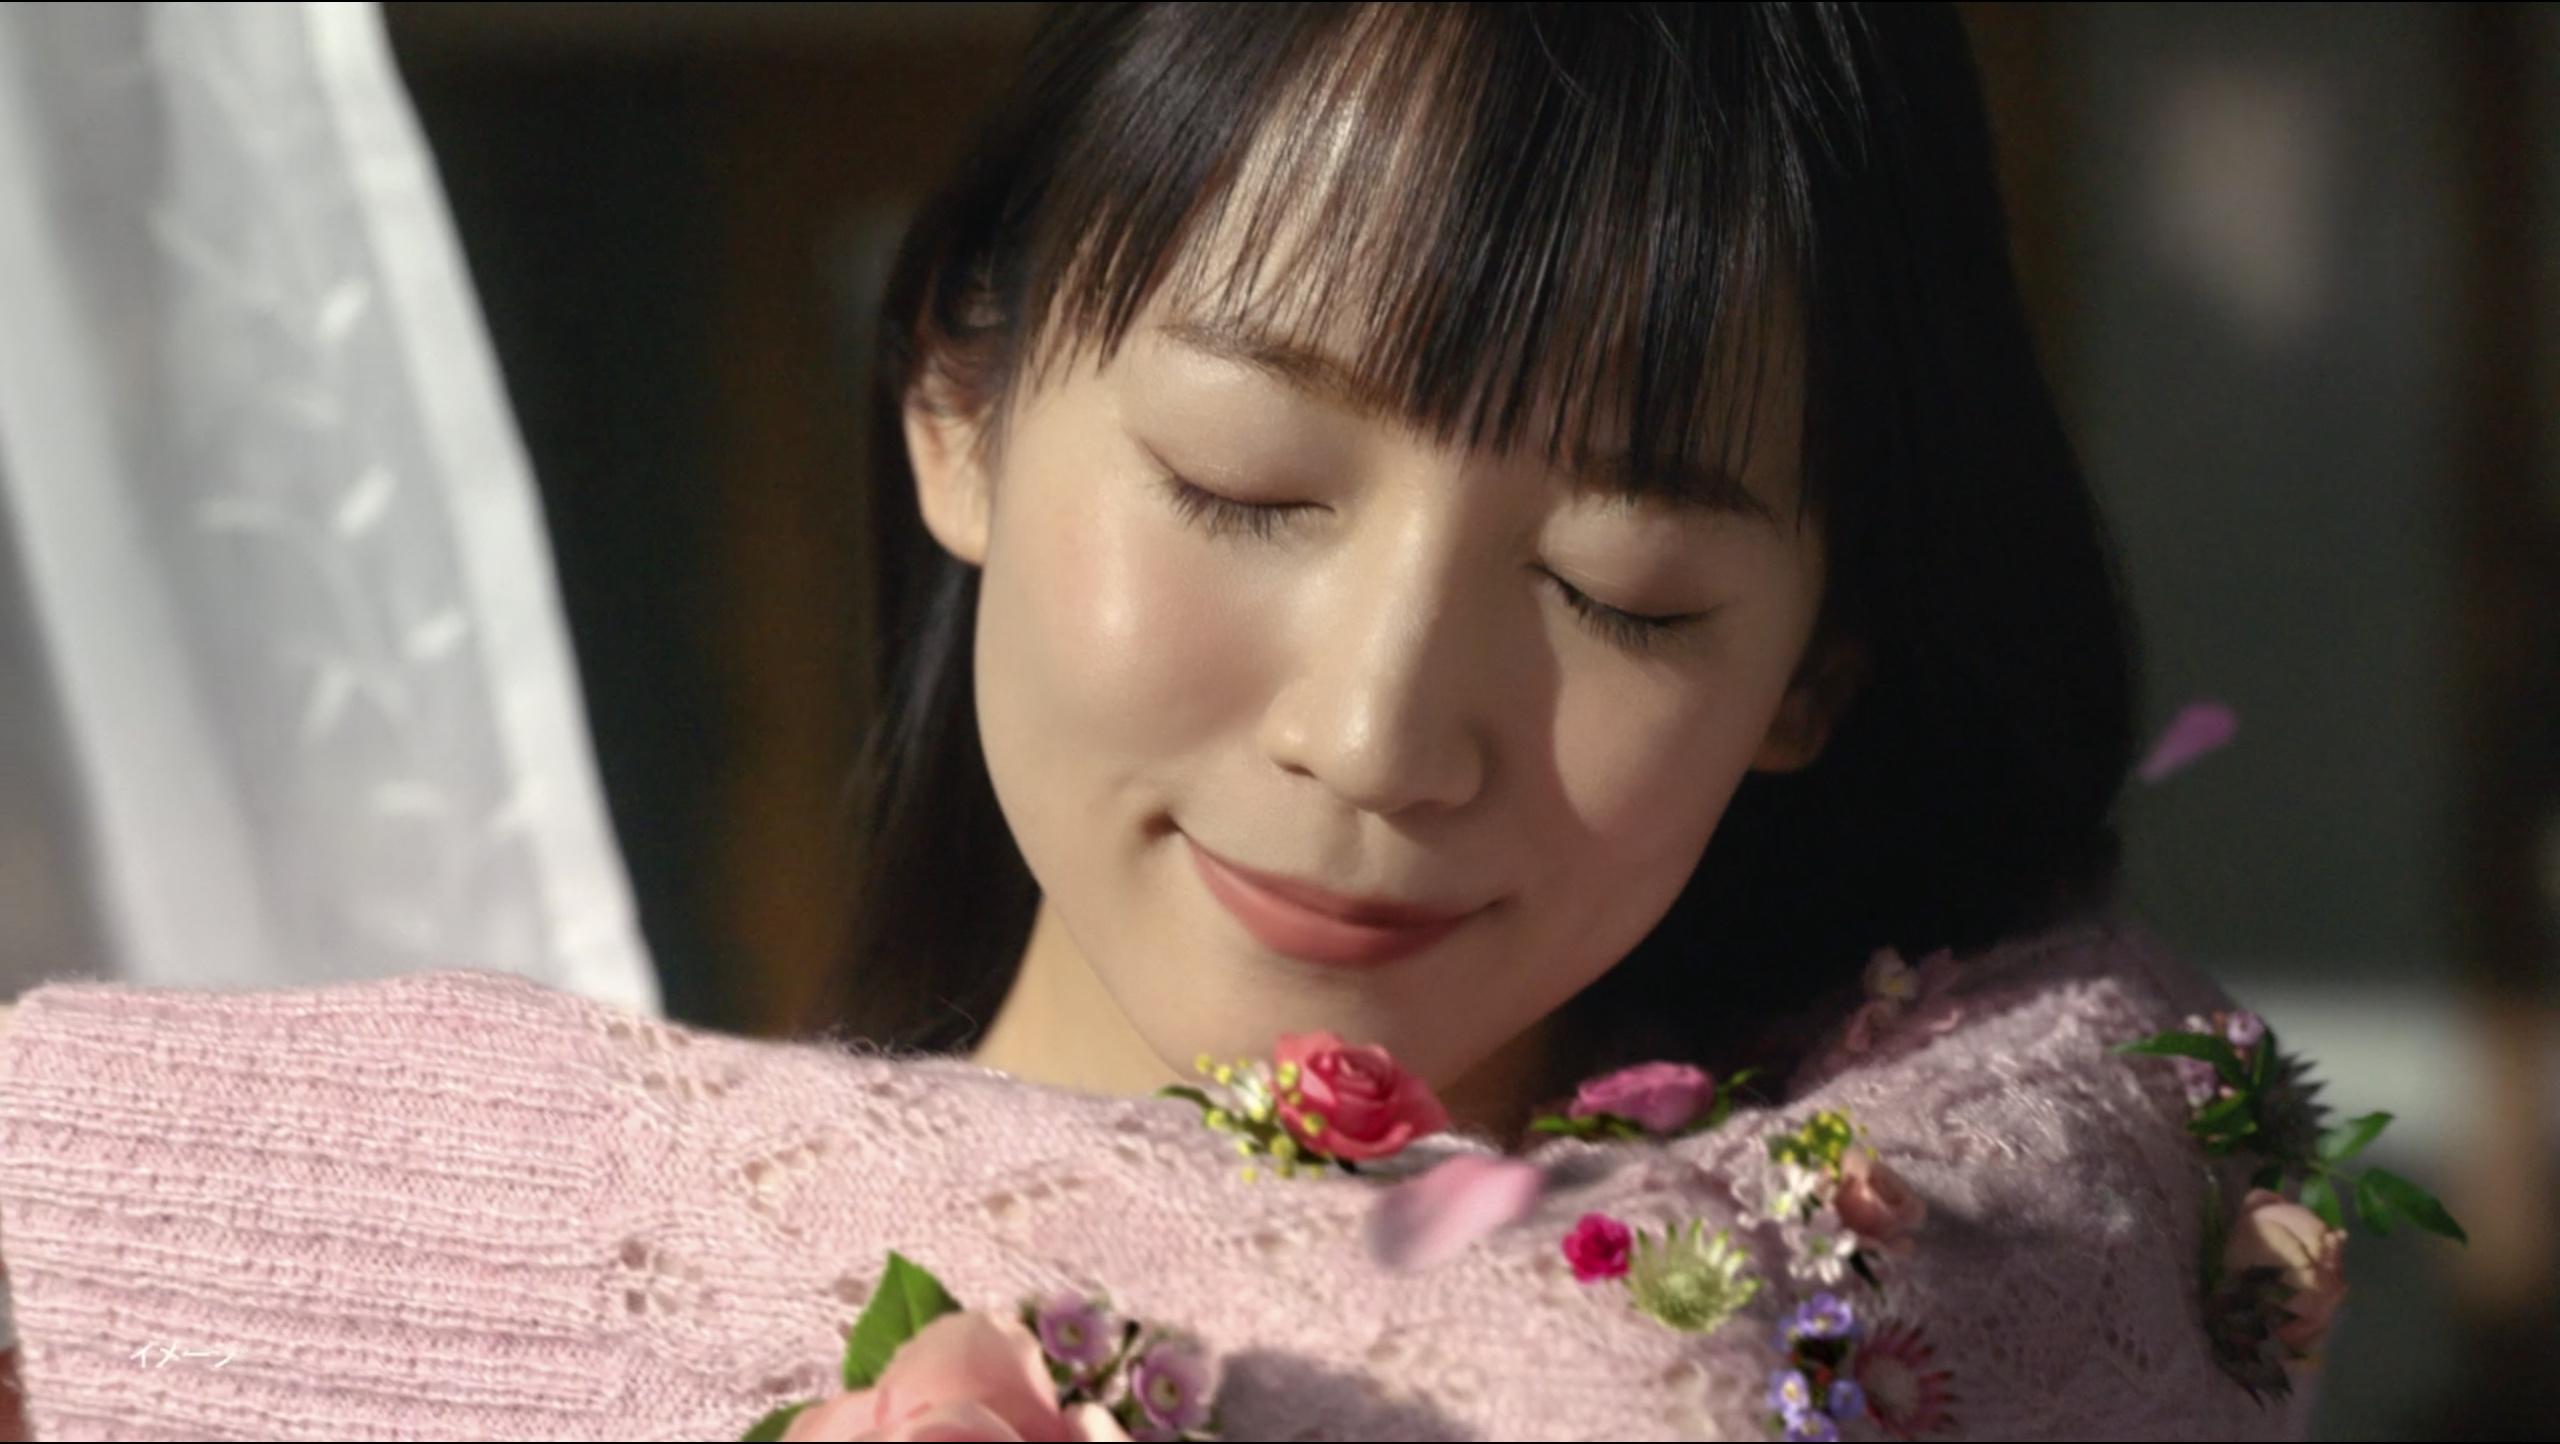 【レノアハピネス】花のある暮らし篇